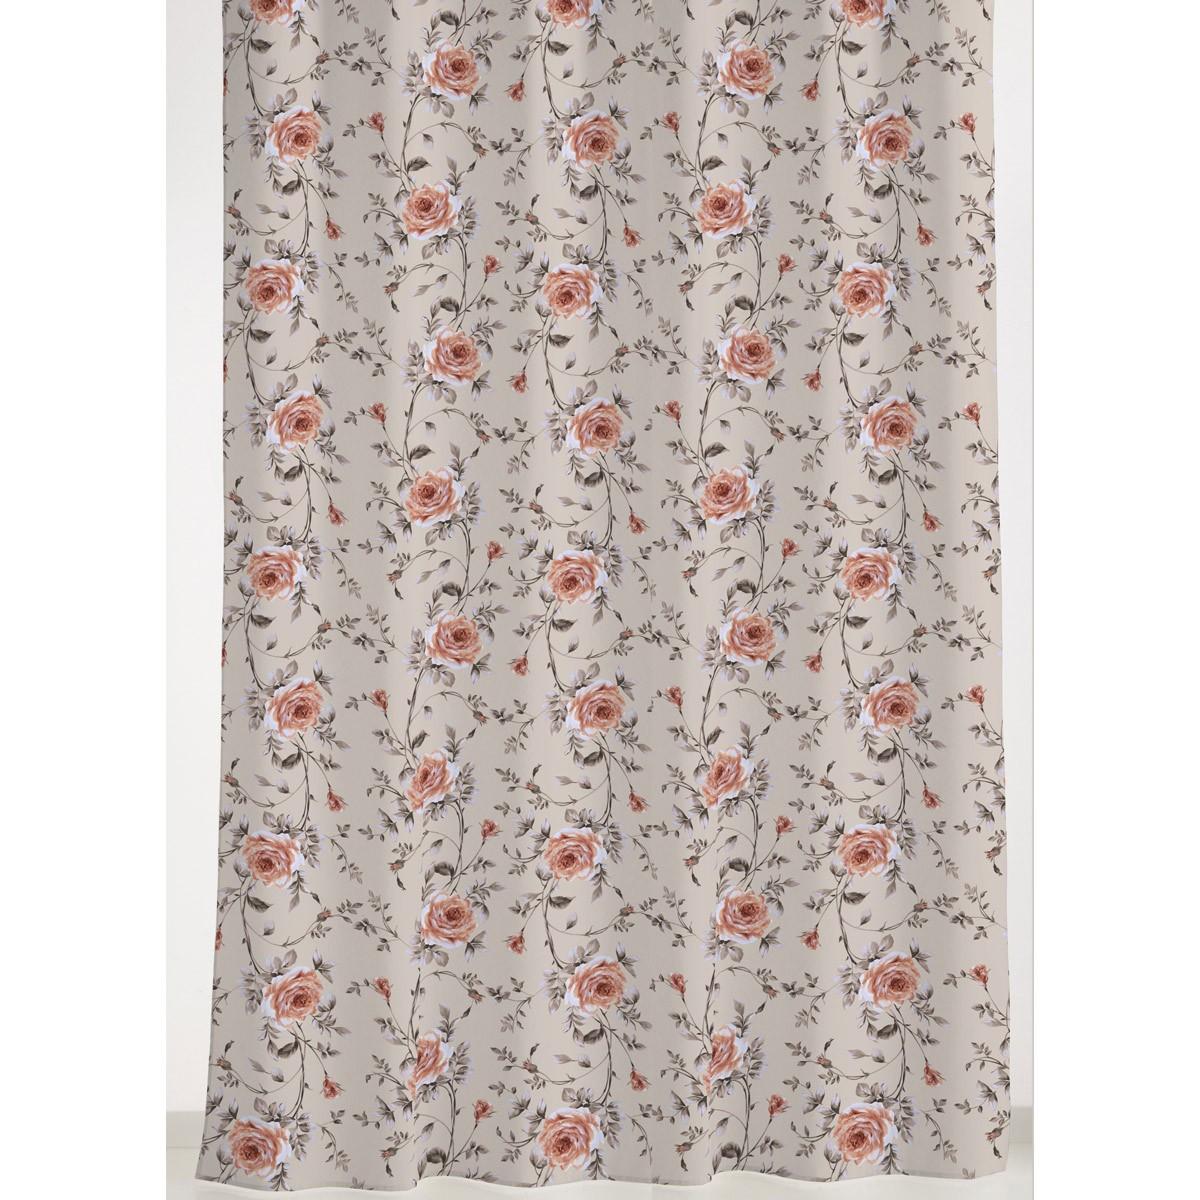 Κουρτίνα (160x270) Viopros Curtains Μπόστον